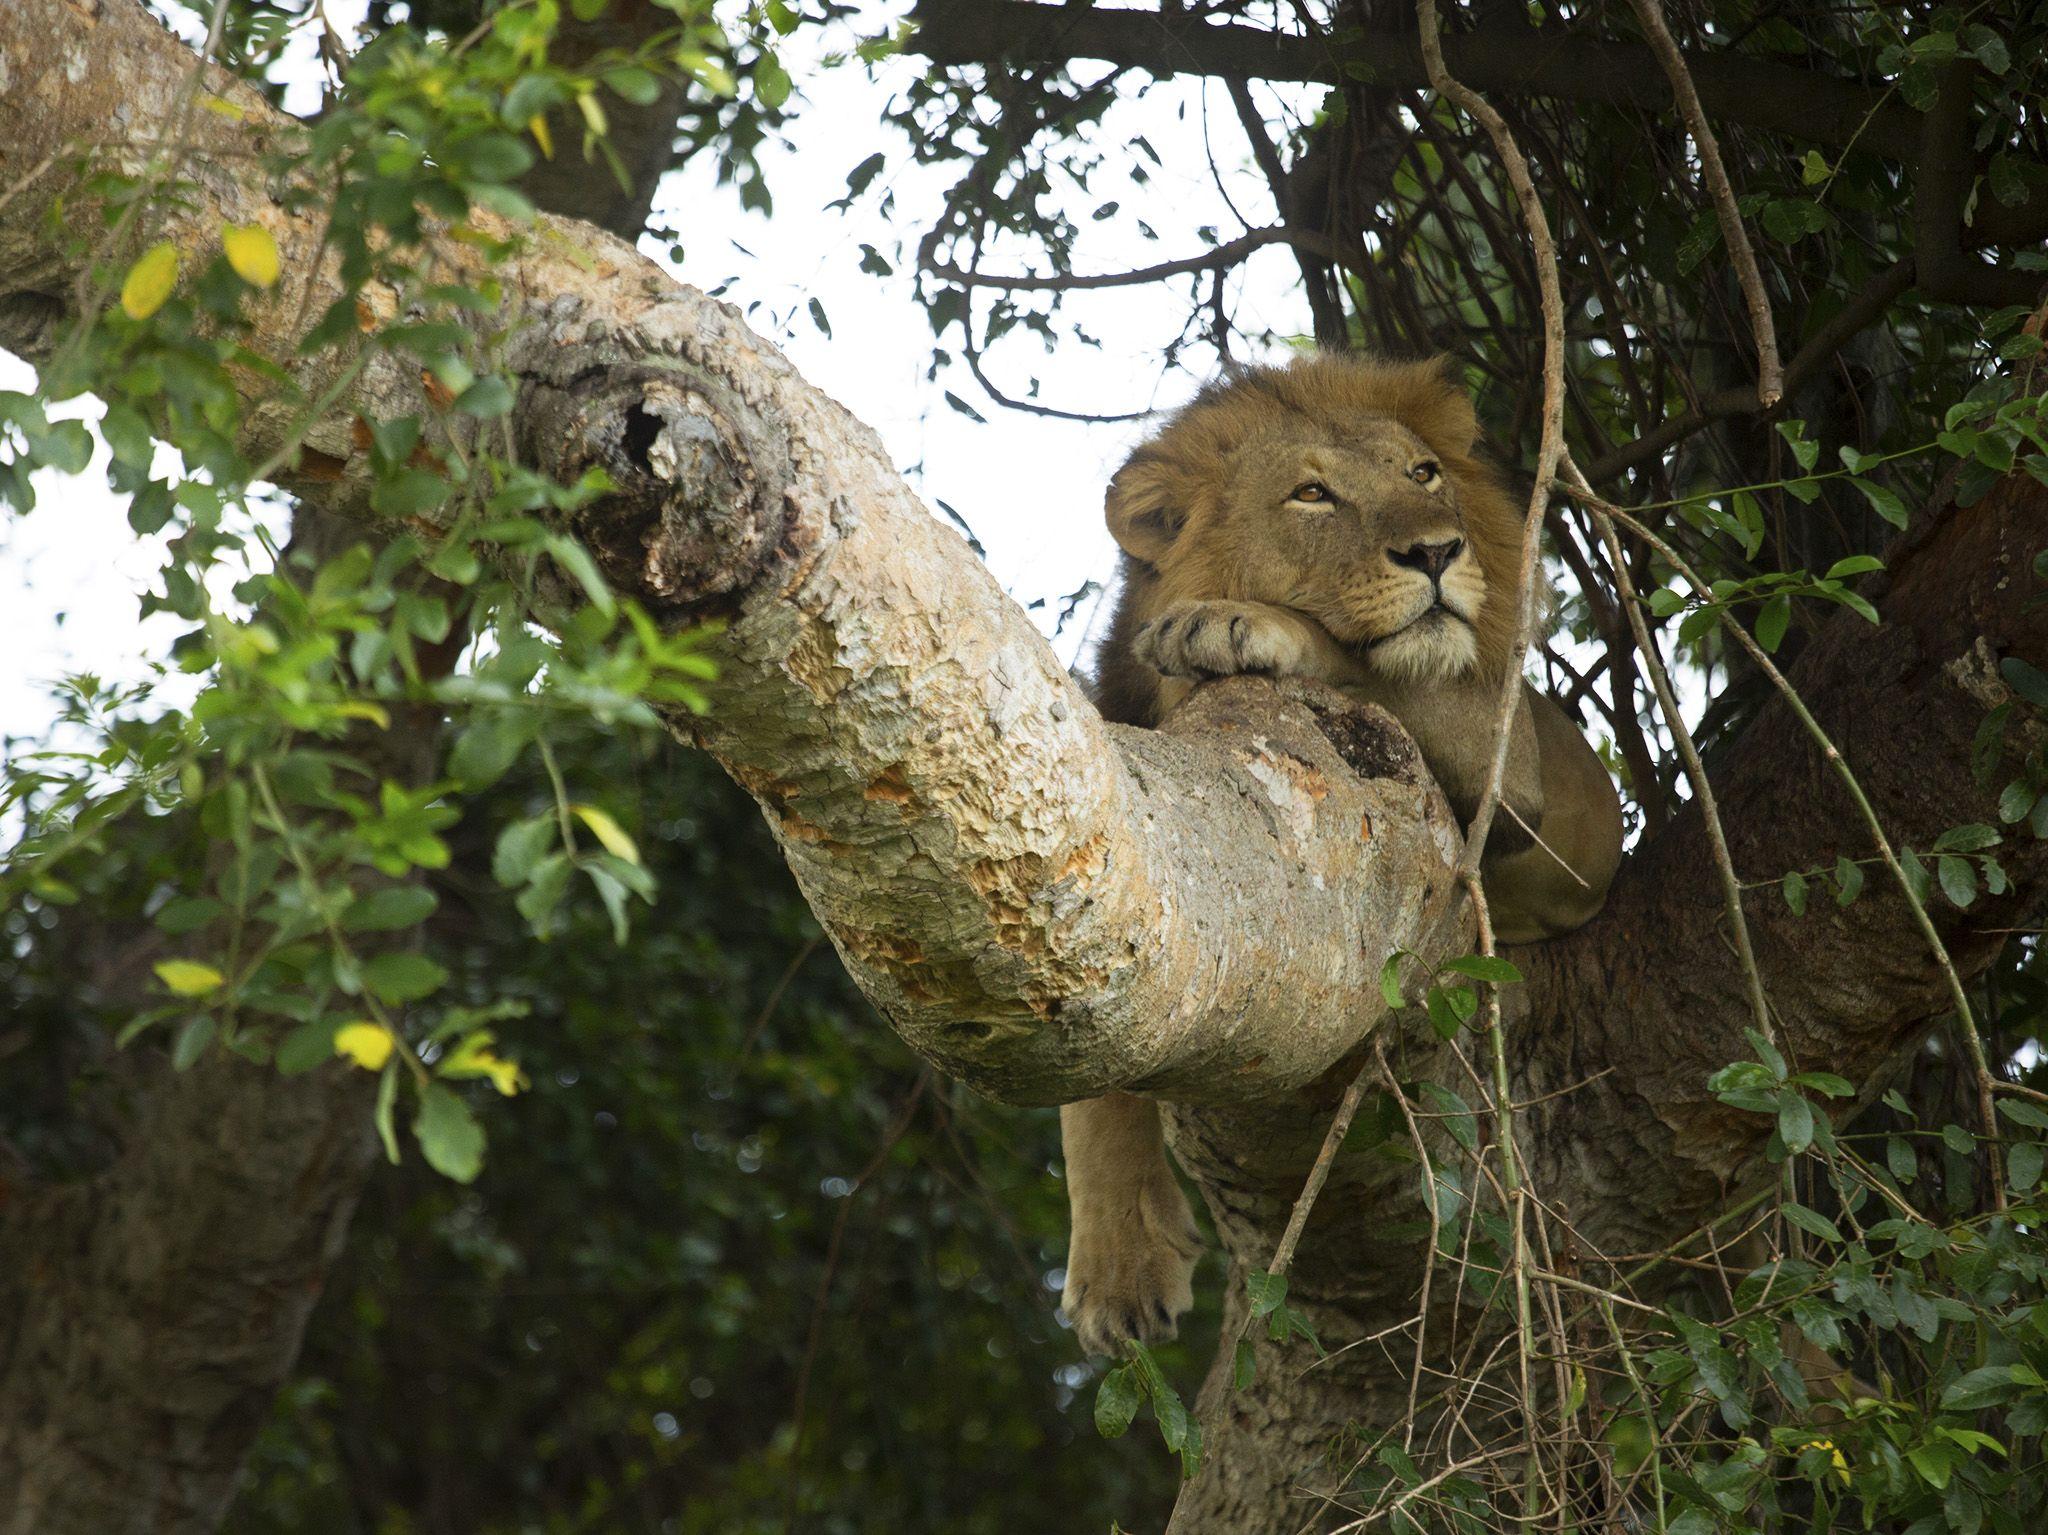 حديقة الملكة إليزابيث الوطنية، أوغندا. هذه الصورة من... [Photo of the day - أكتوبر 2020]